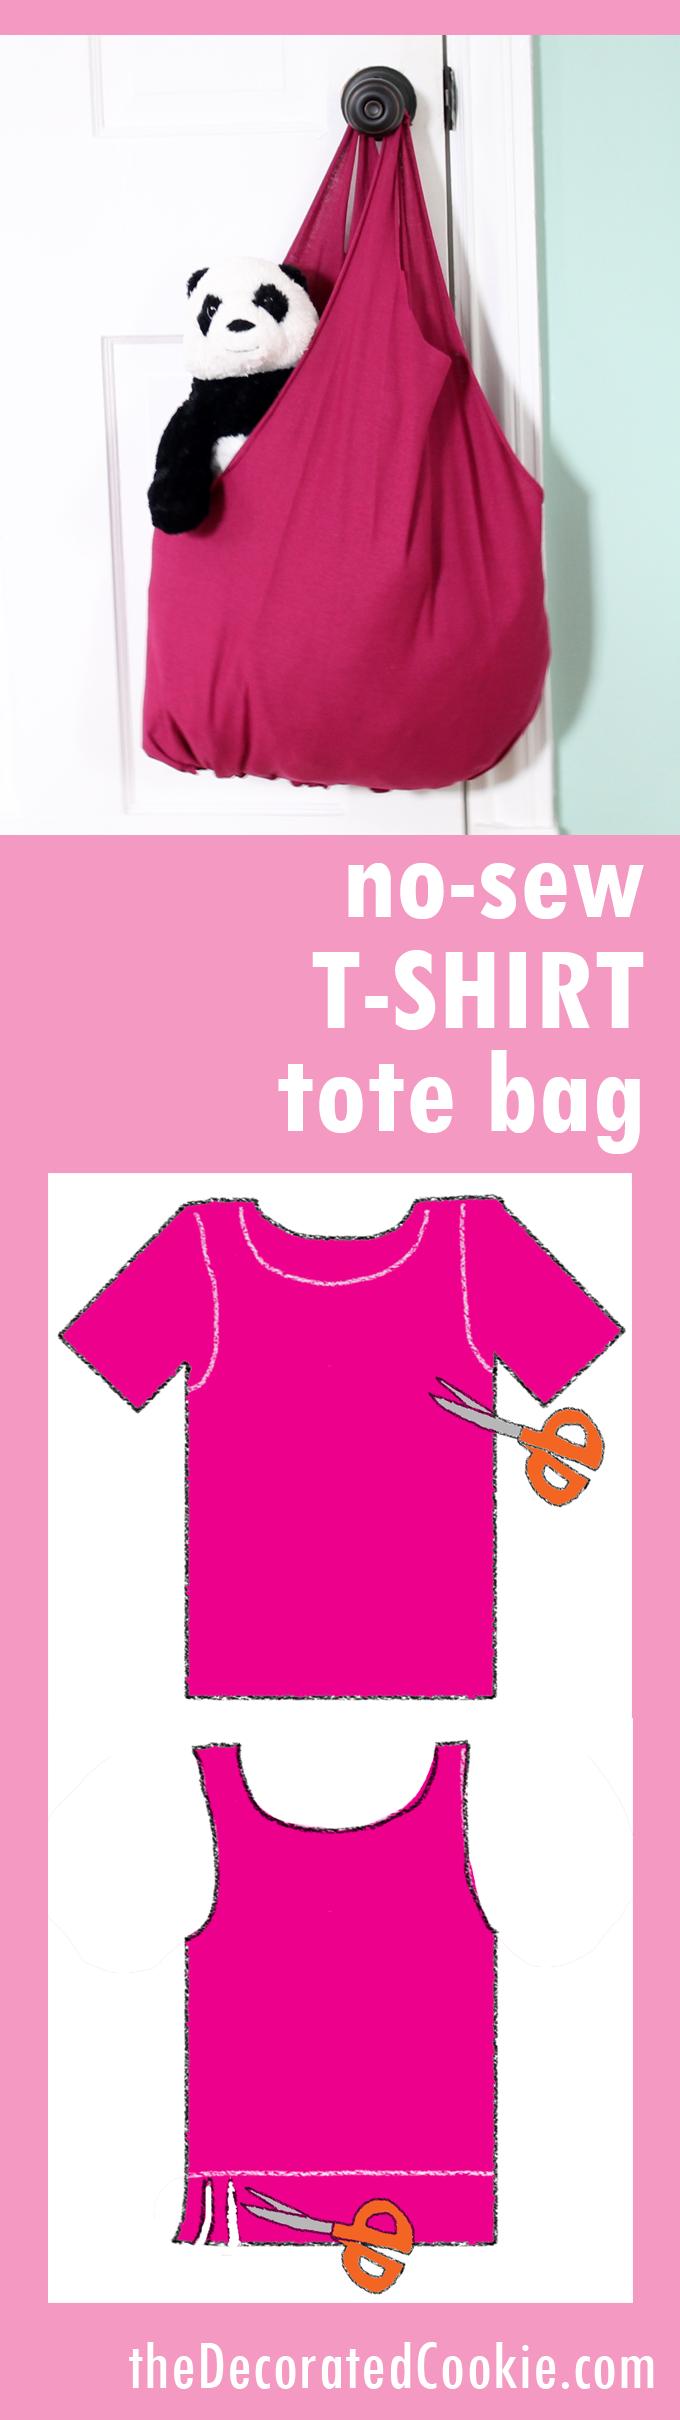 nosew Tshirt tote bag Diy fashion clothing, Diy bags